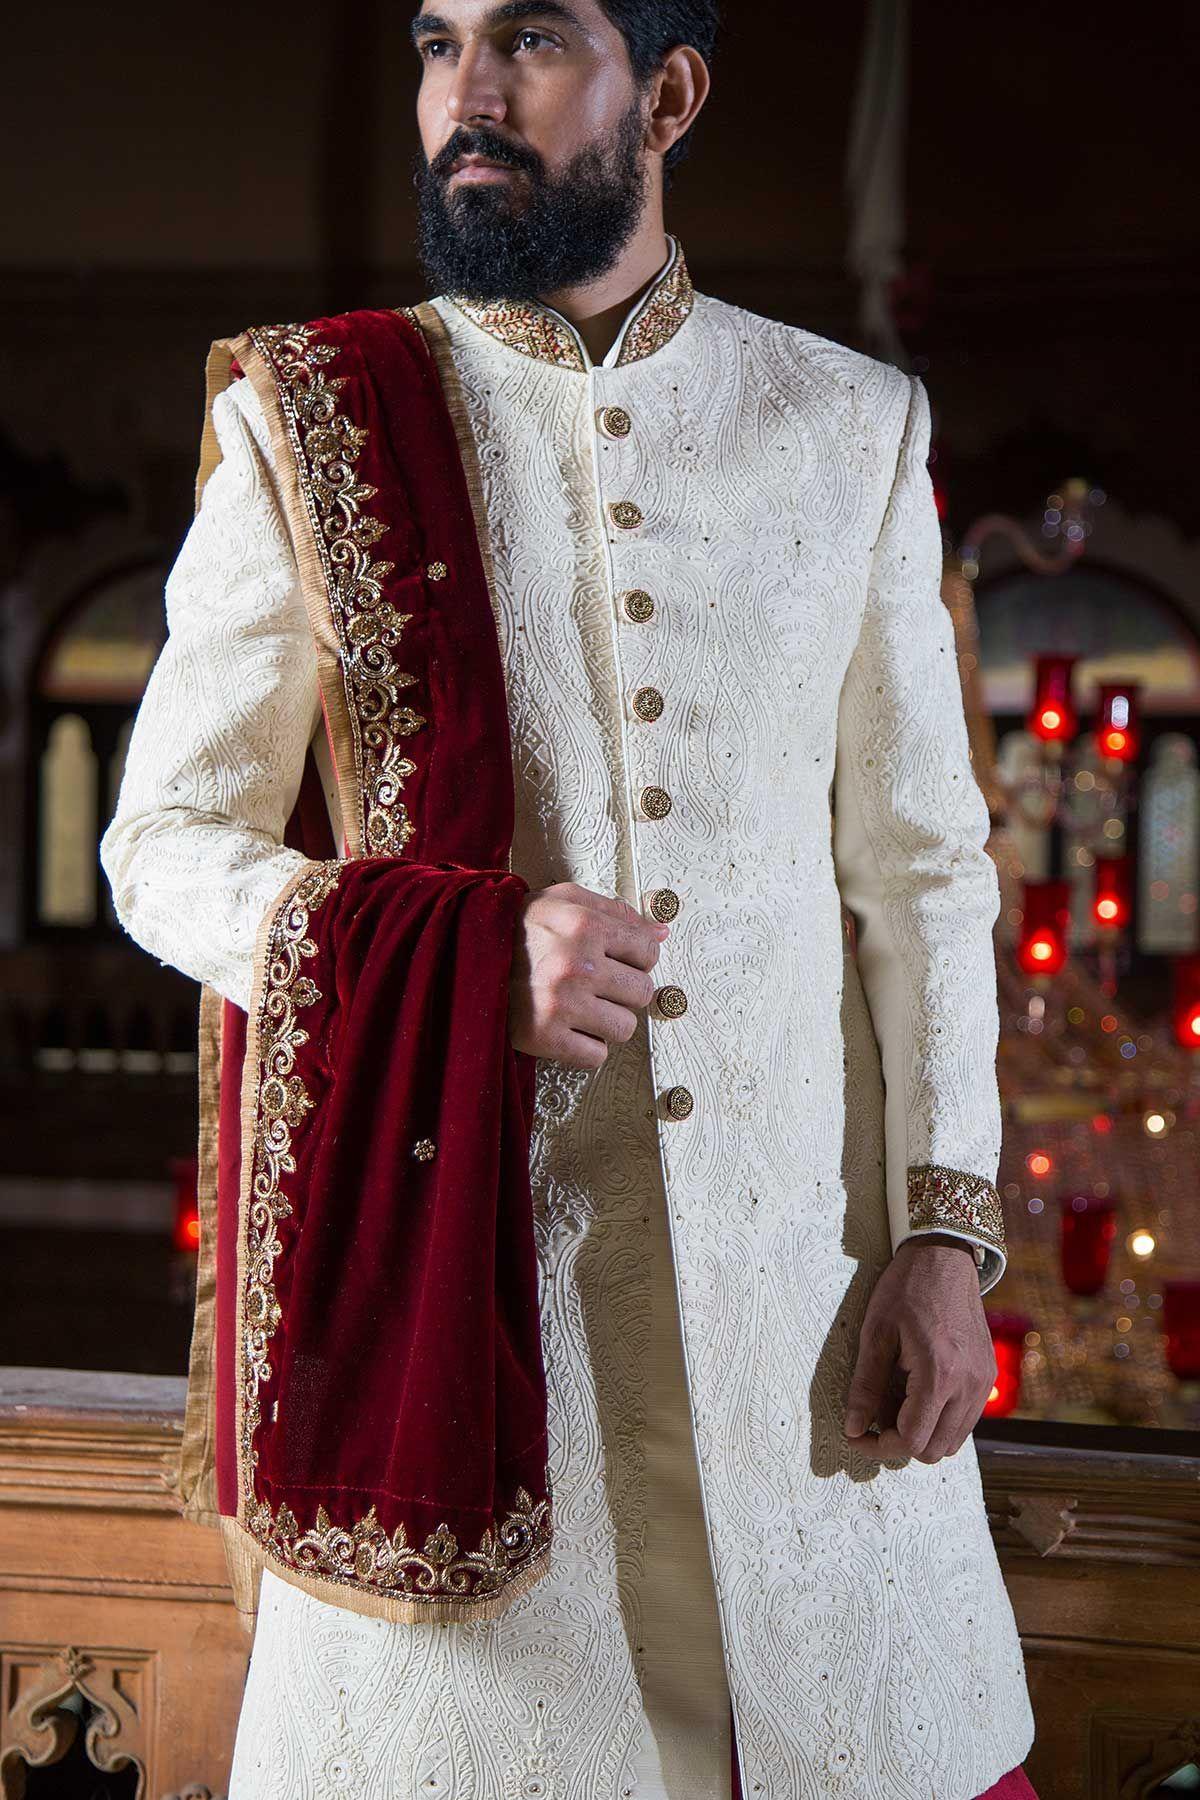 Cream brocade resham embroidered wedding sherwanish my